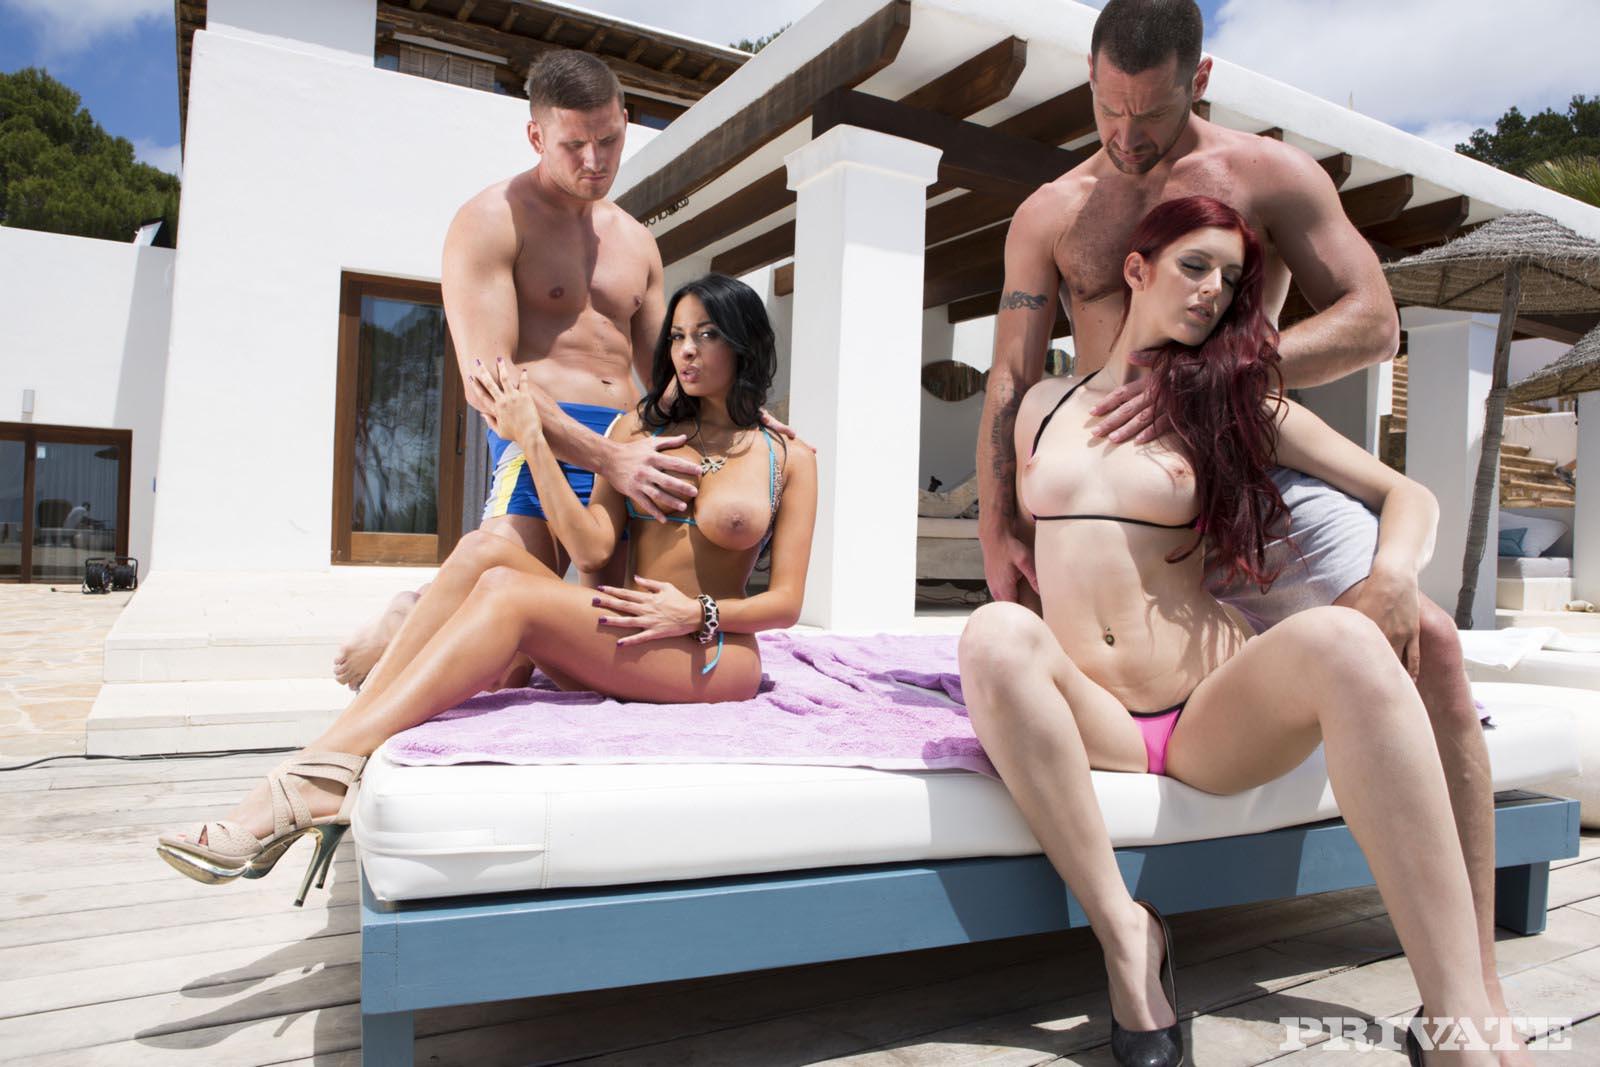 pool foursome